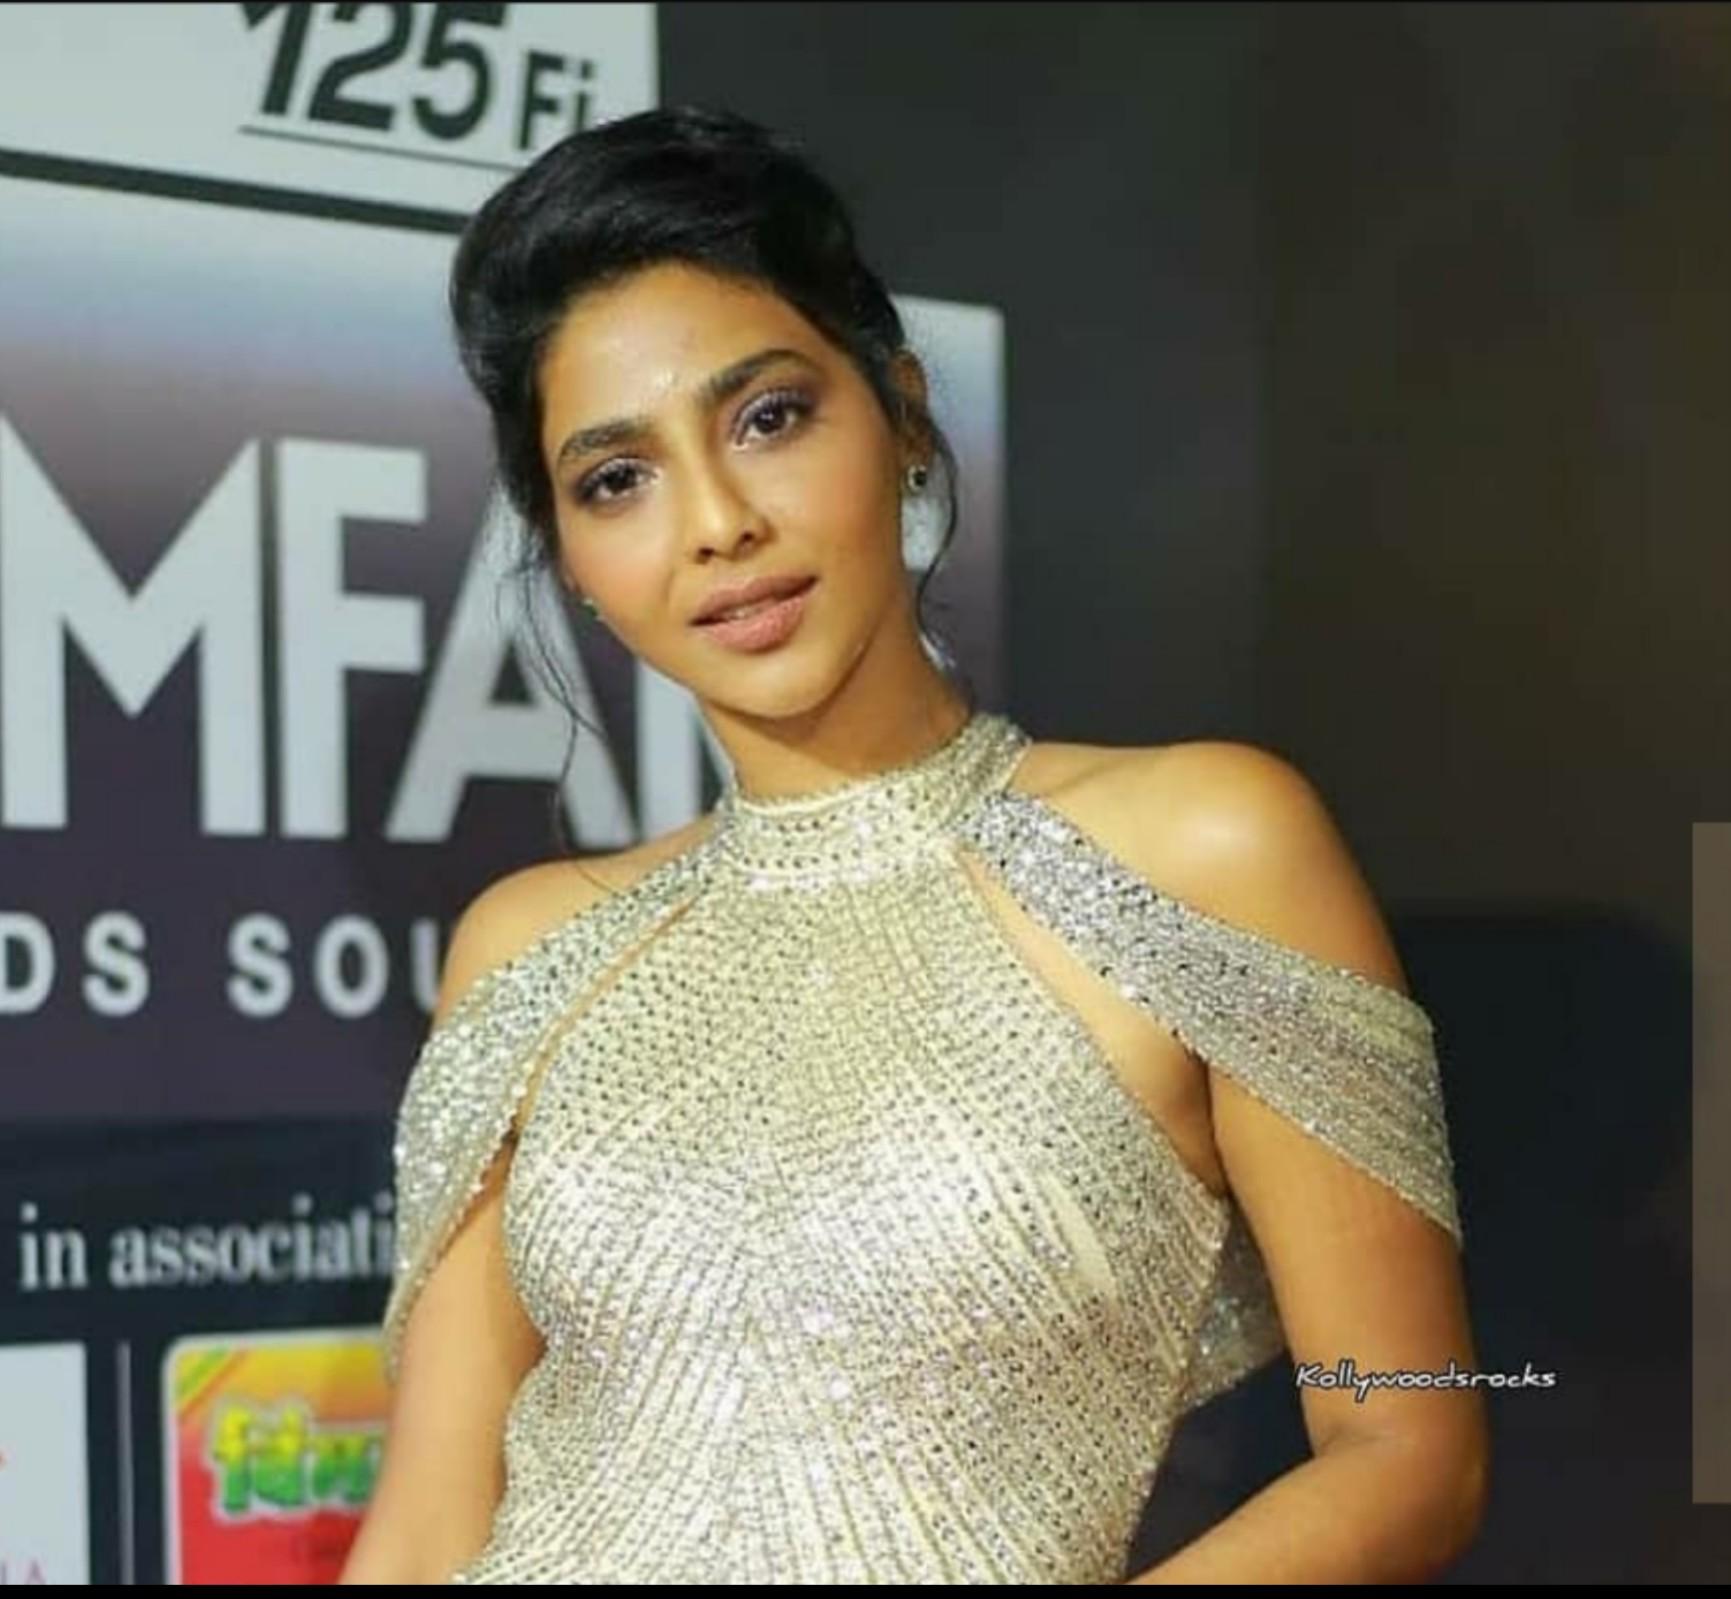 Model Aishwarya Lekshmi yang Sukses di Dunia Hiburan